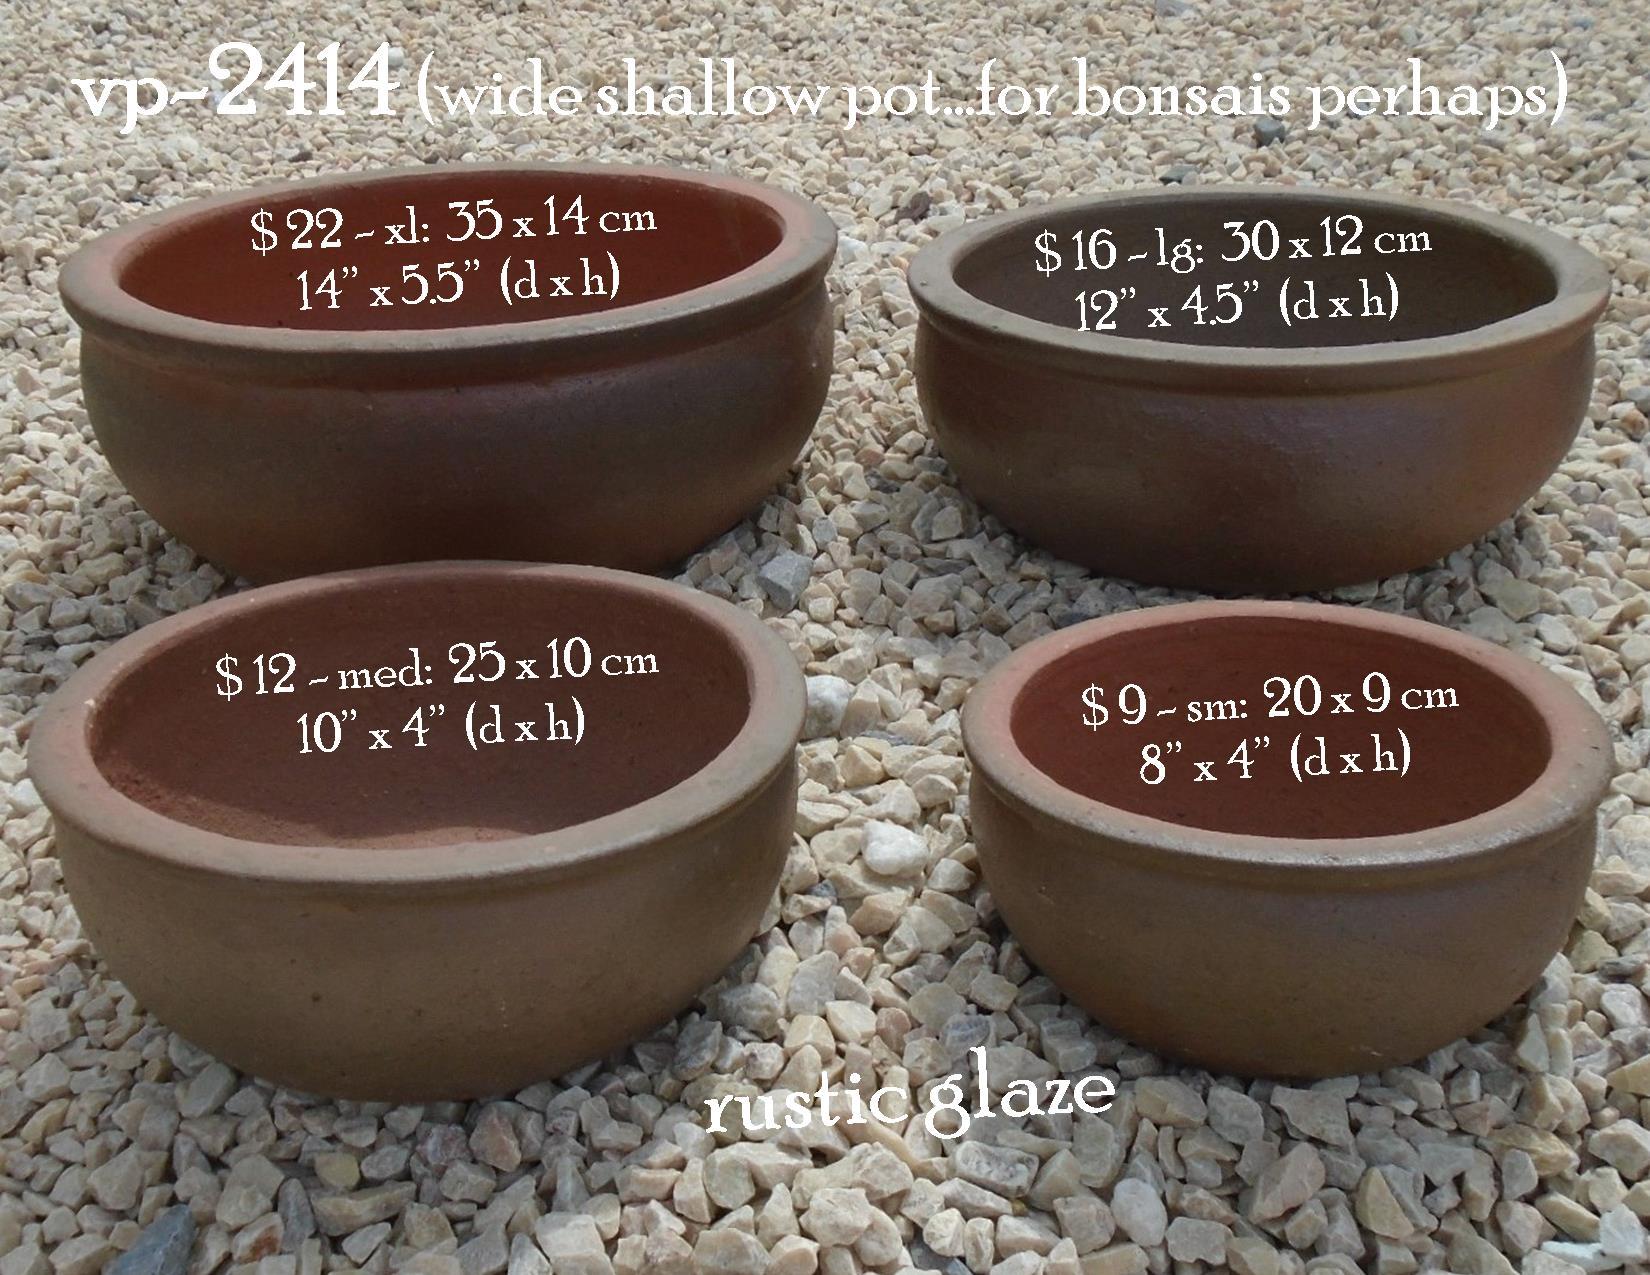 vp-2414 wide shallow pot